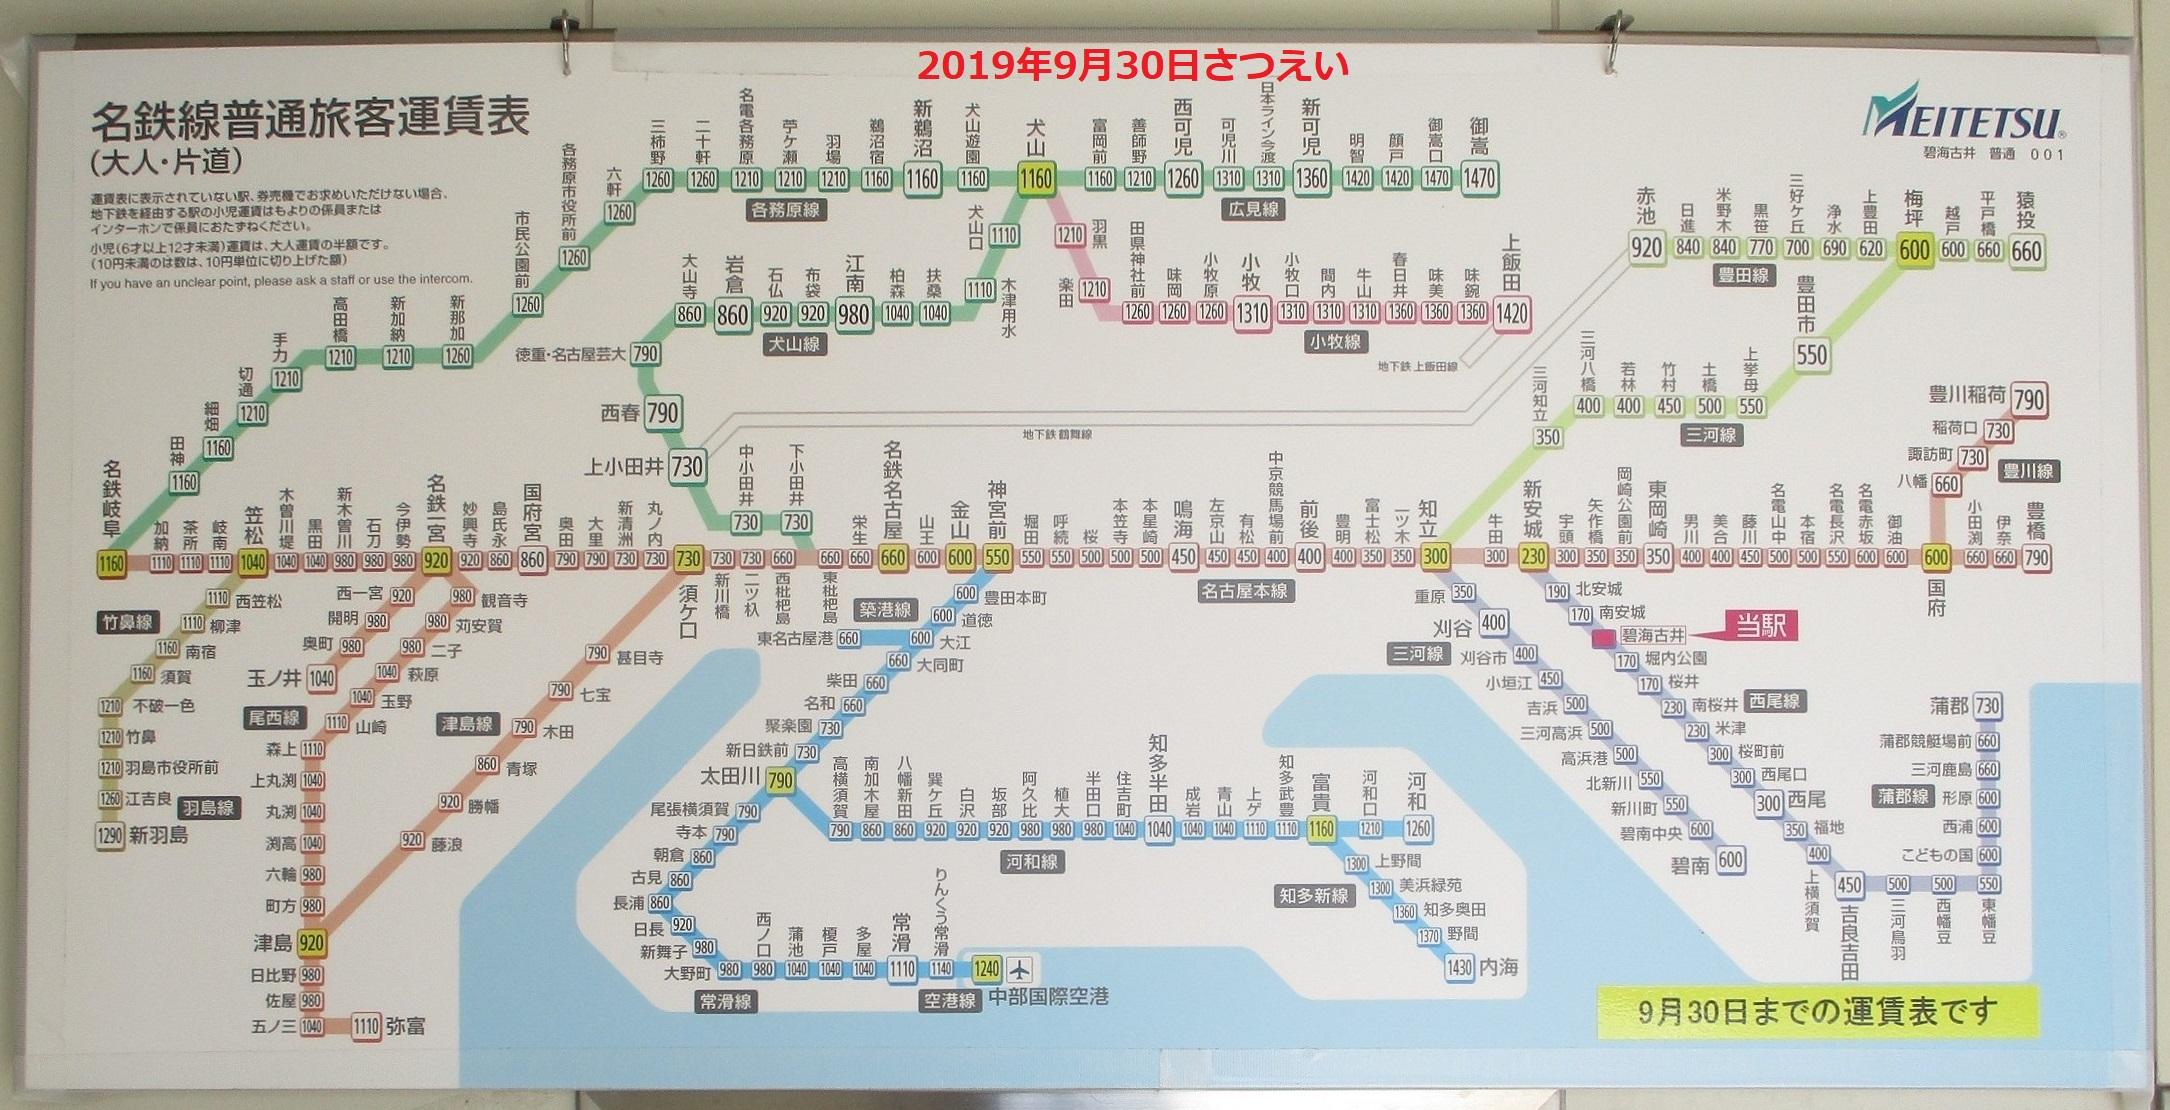 2019.9.30 ふるい - 料金表 2170-1110